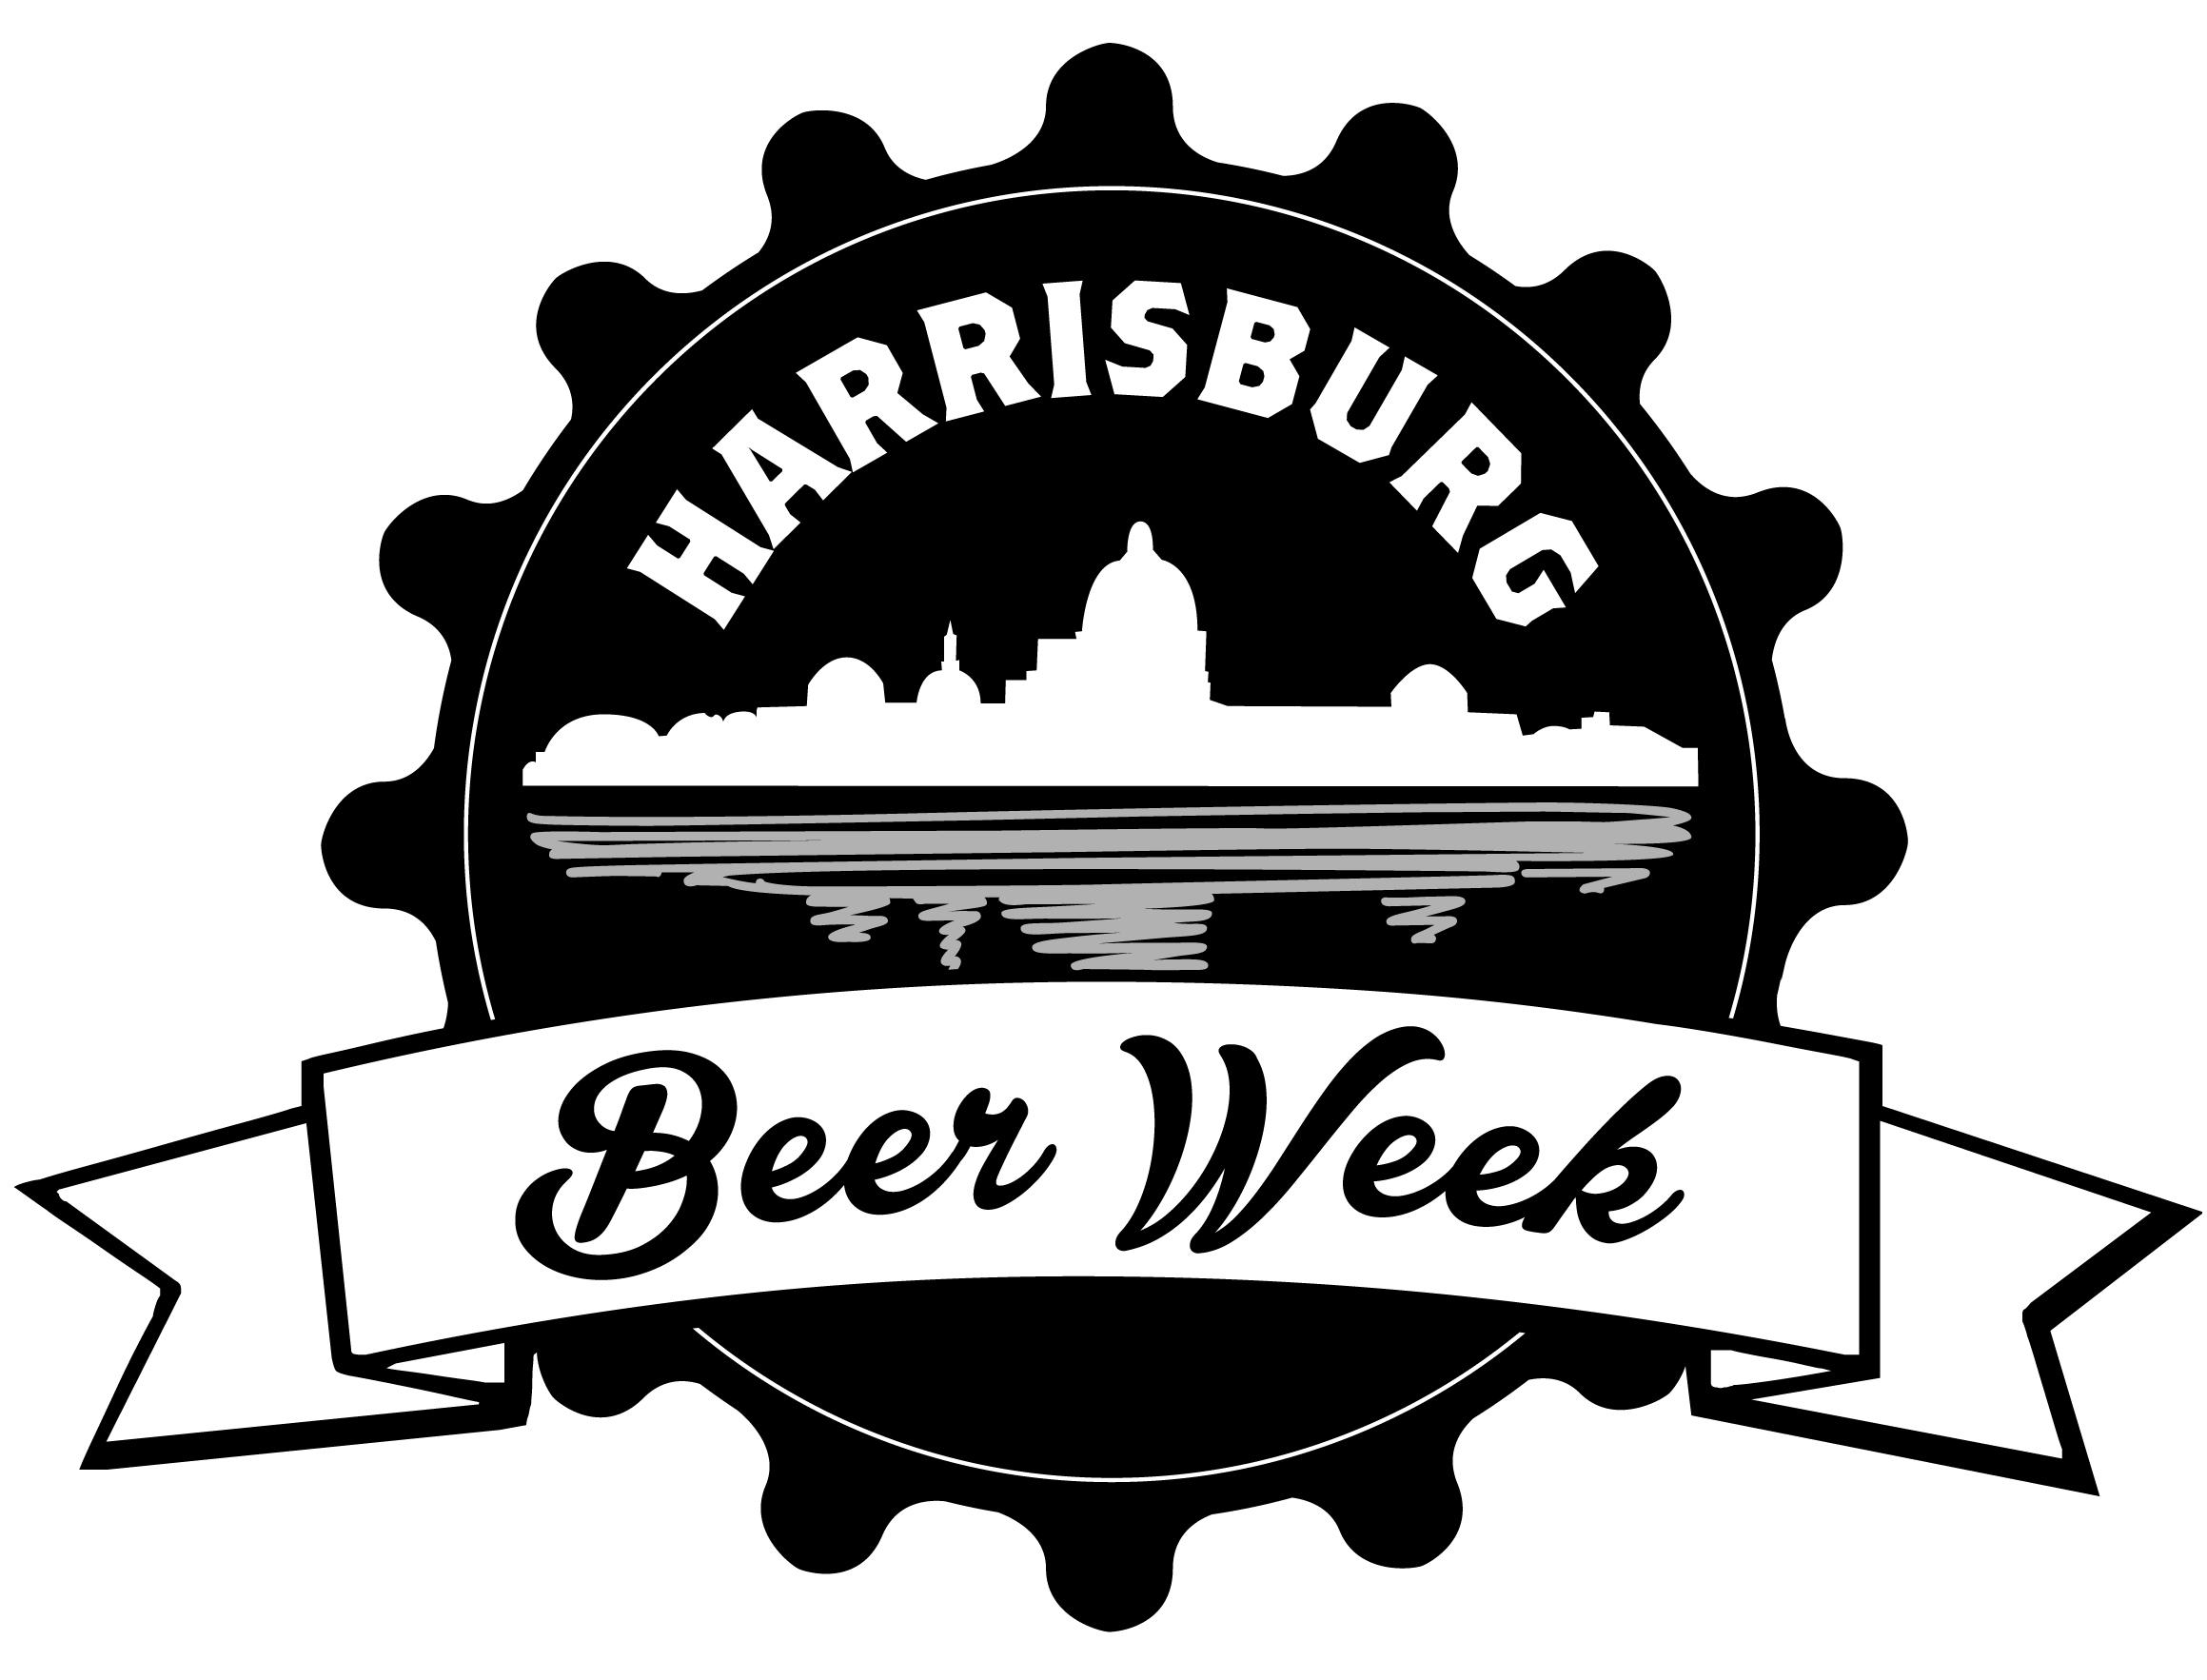 Harrisburg Beer Week